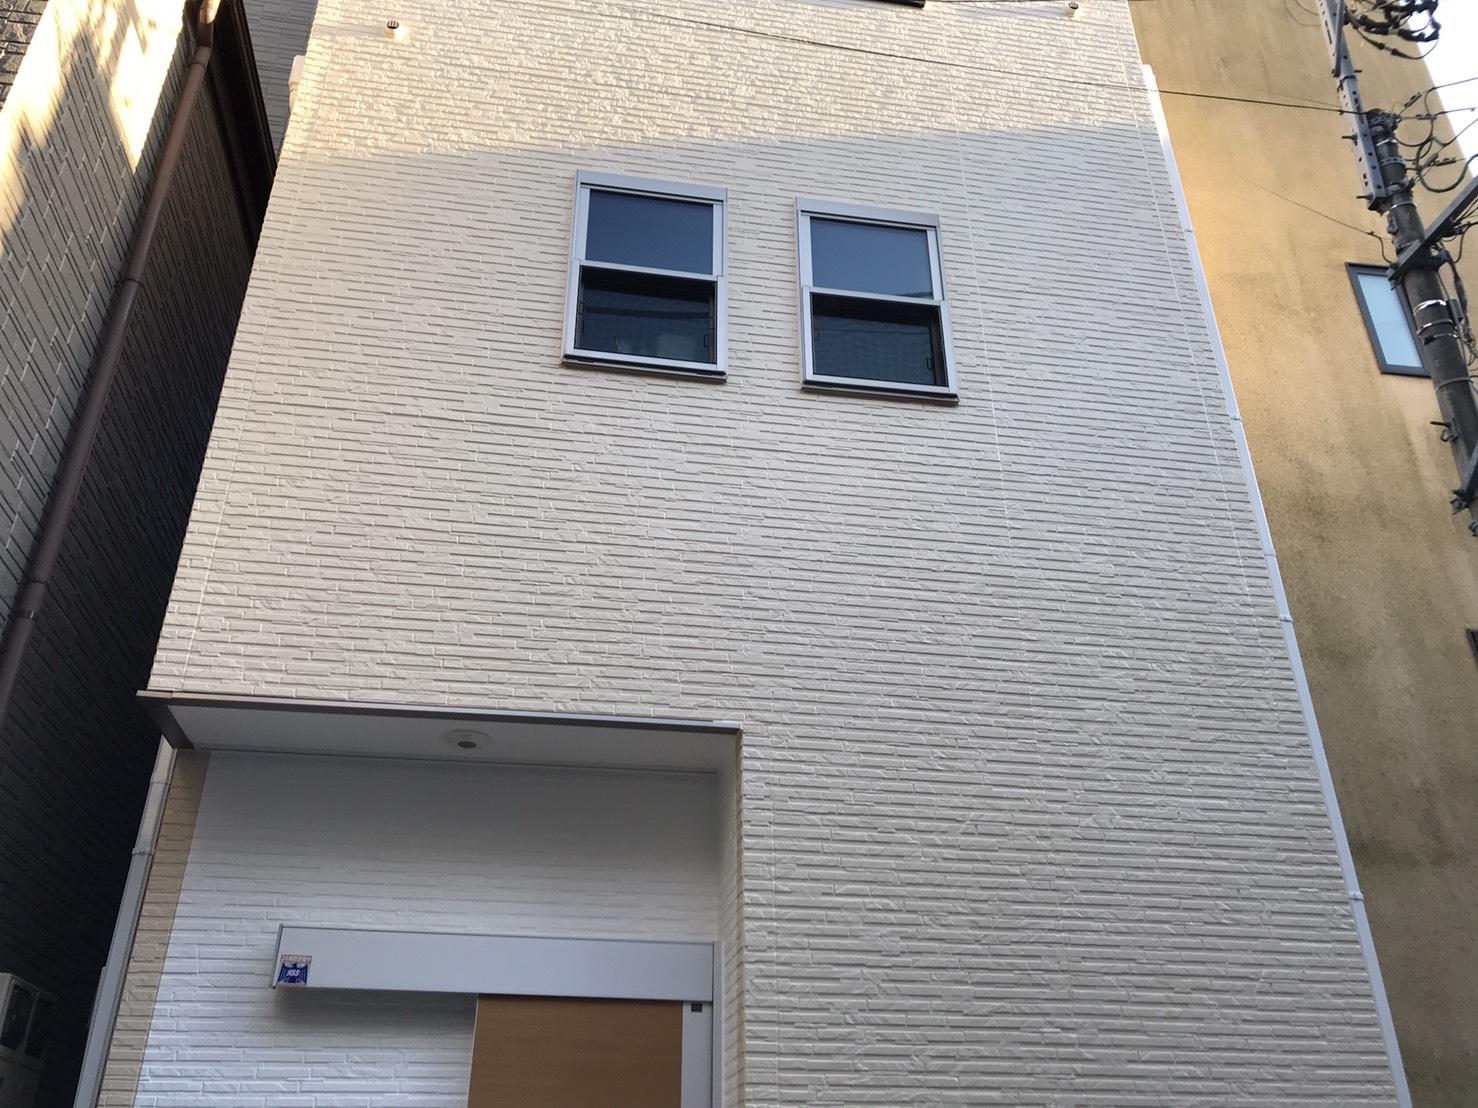 施工事例 北区 I様邸 | 足立区 葛飾区 江戸川区の外壁塗装・屋根塗装・防水工事 優良塗装専門業者|株式会社あらた